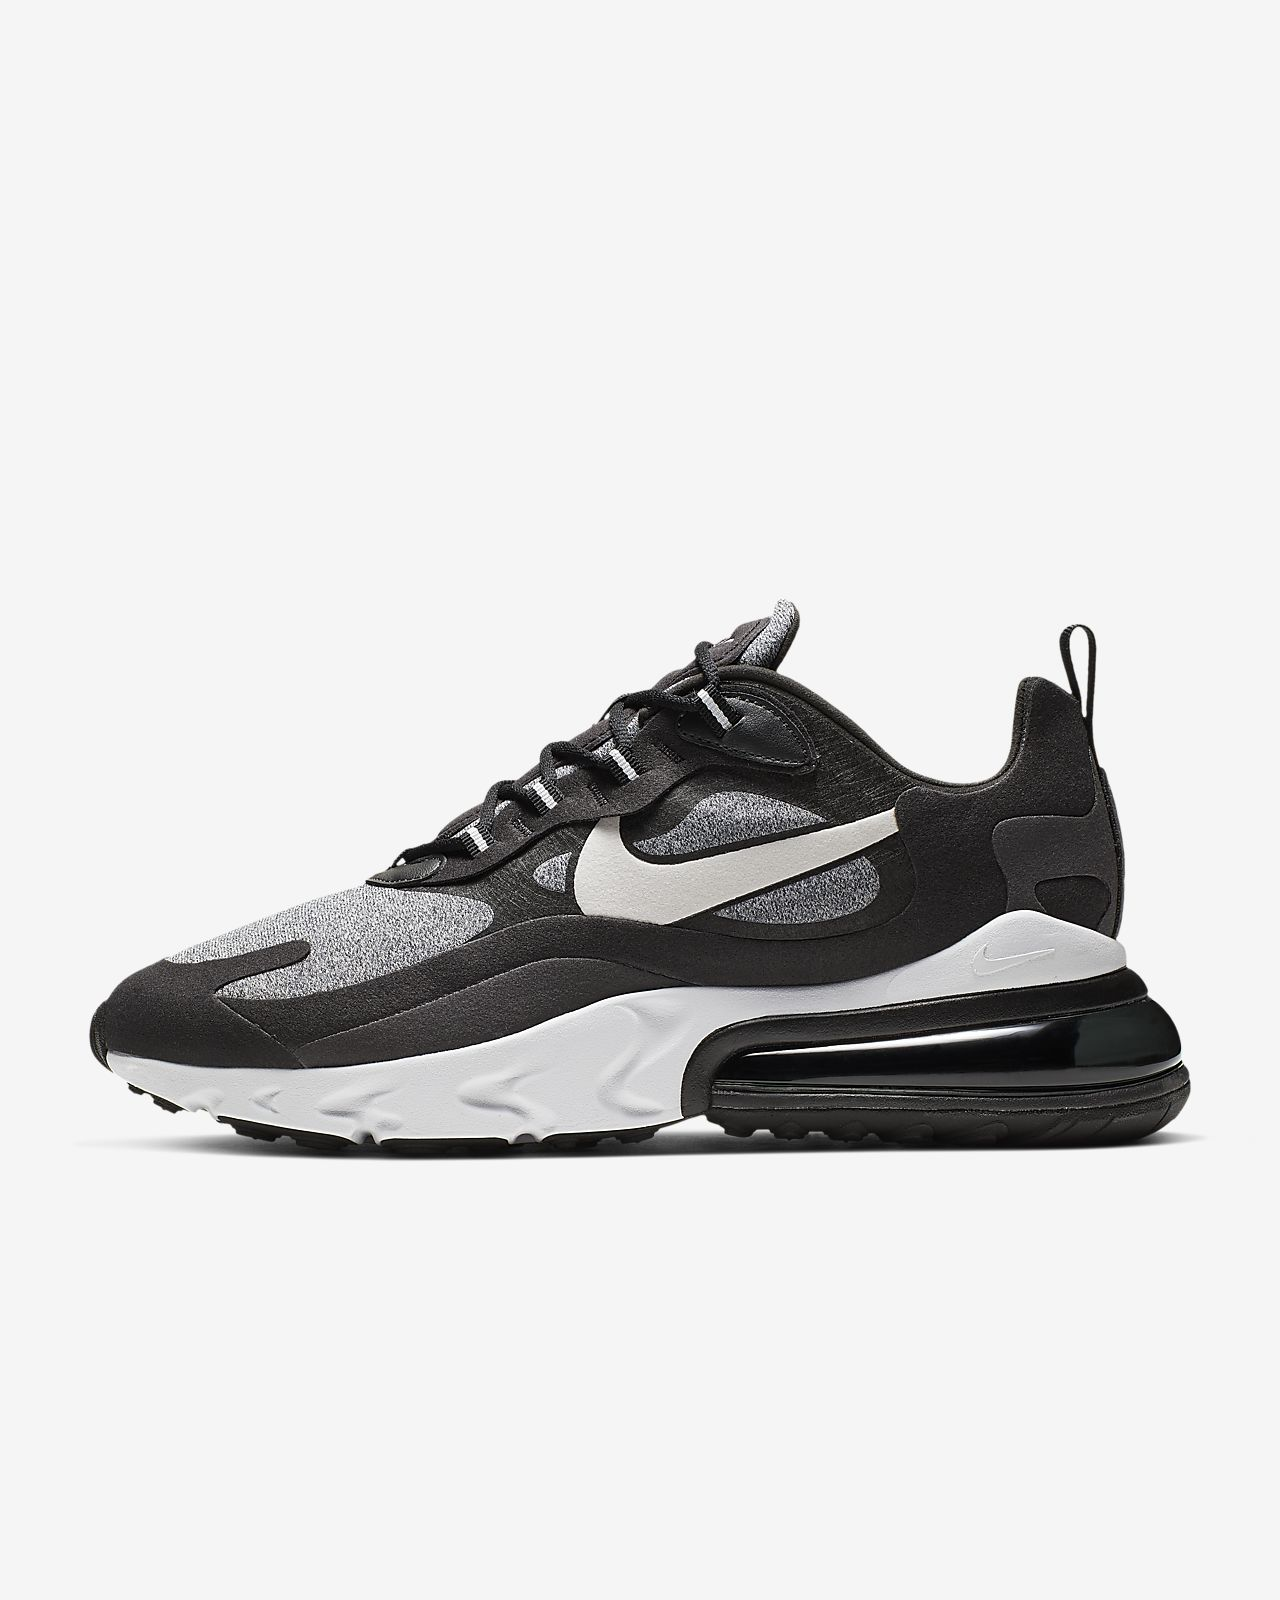 Nike AirMax 270 React 男子运动鞋